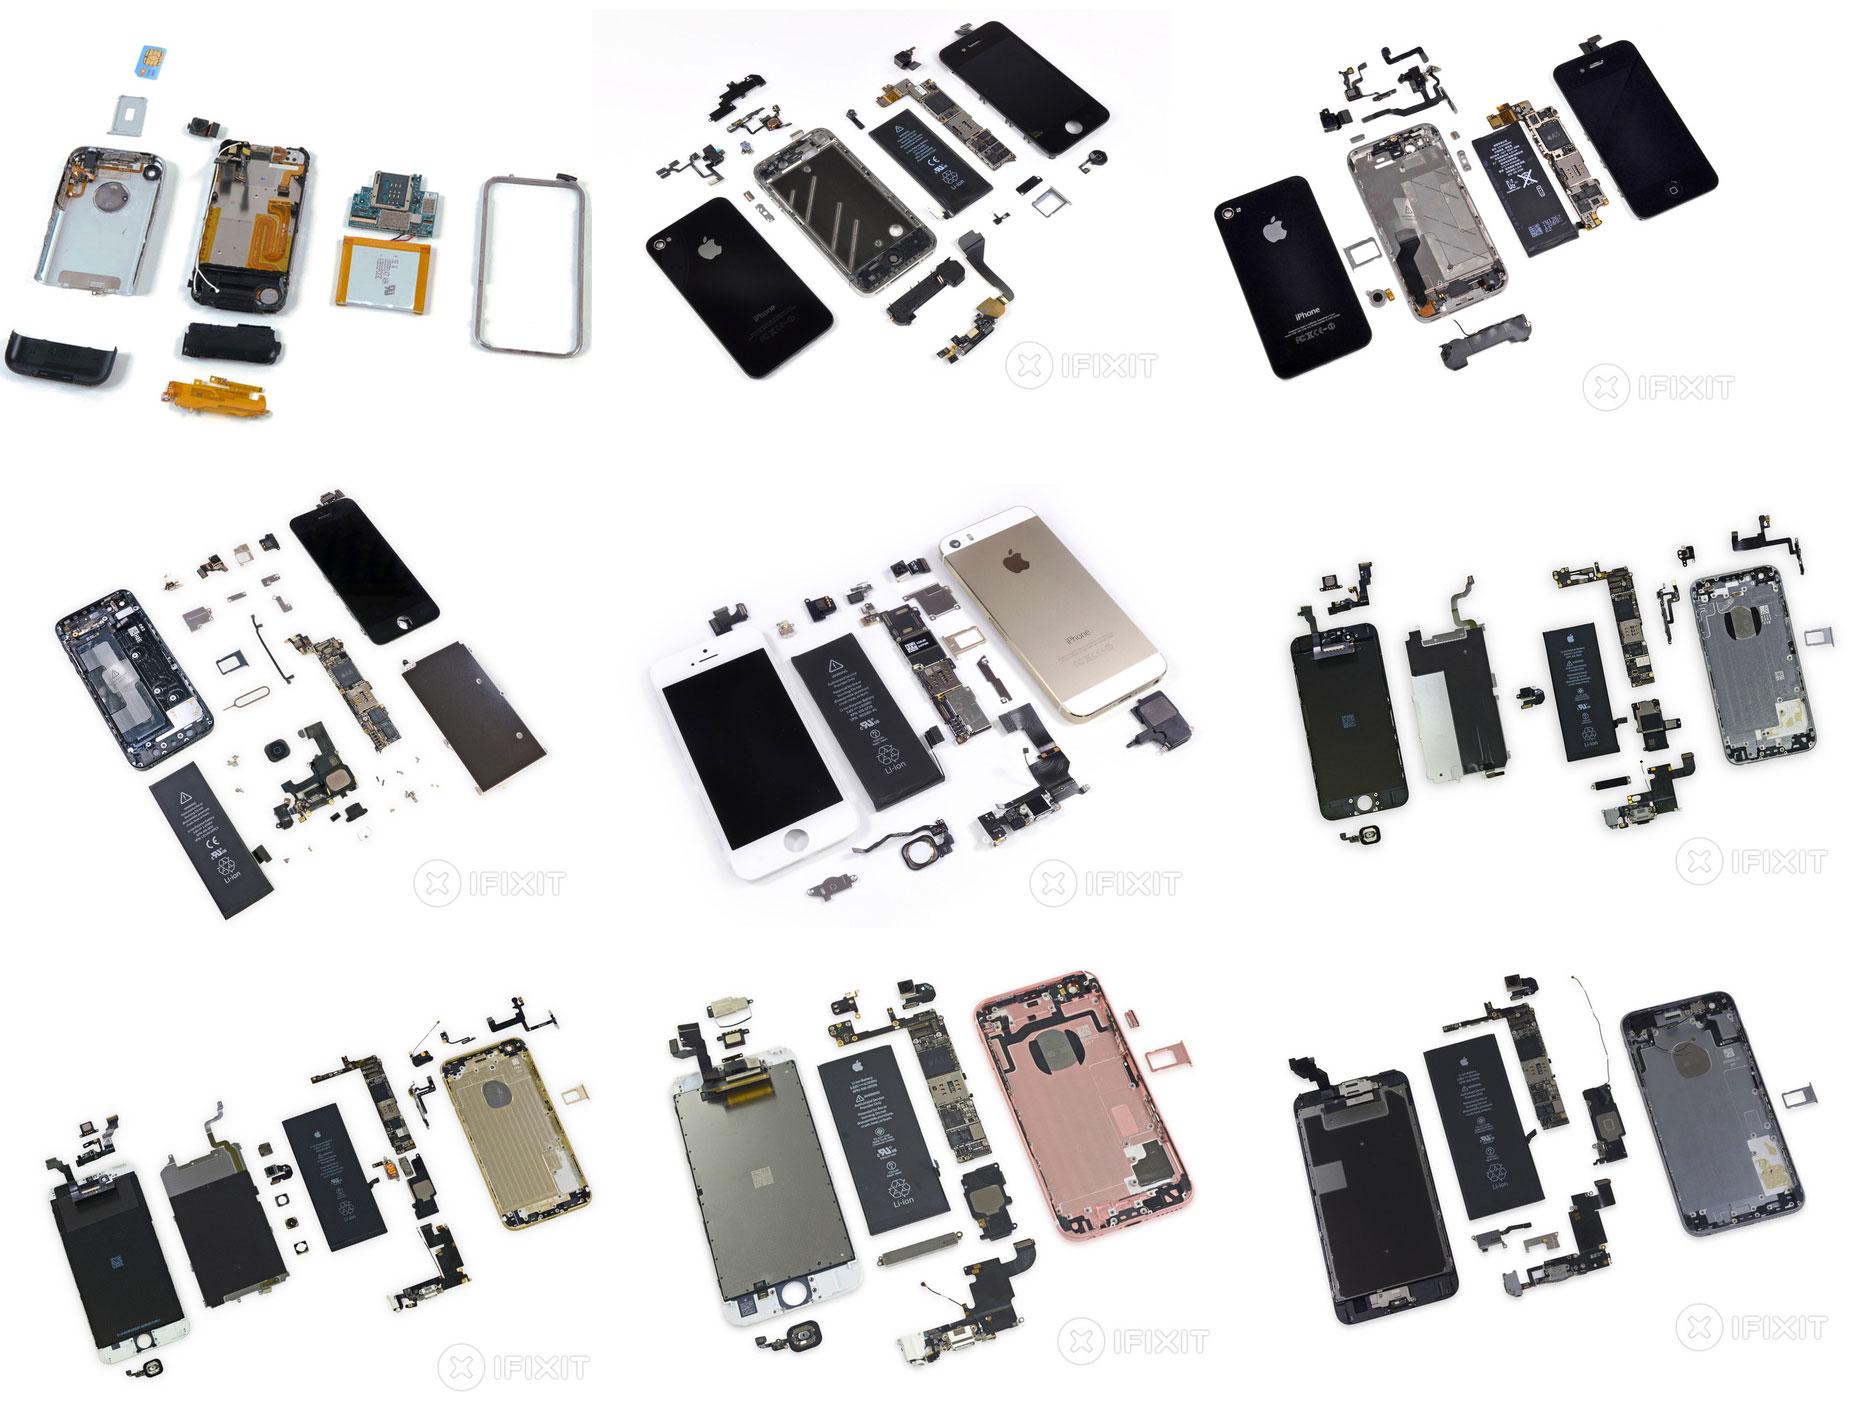 Todos los modelos de iPhone abiertos